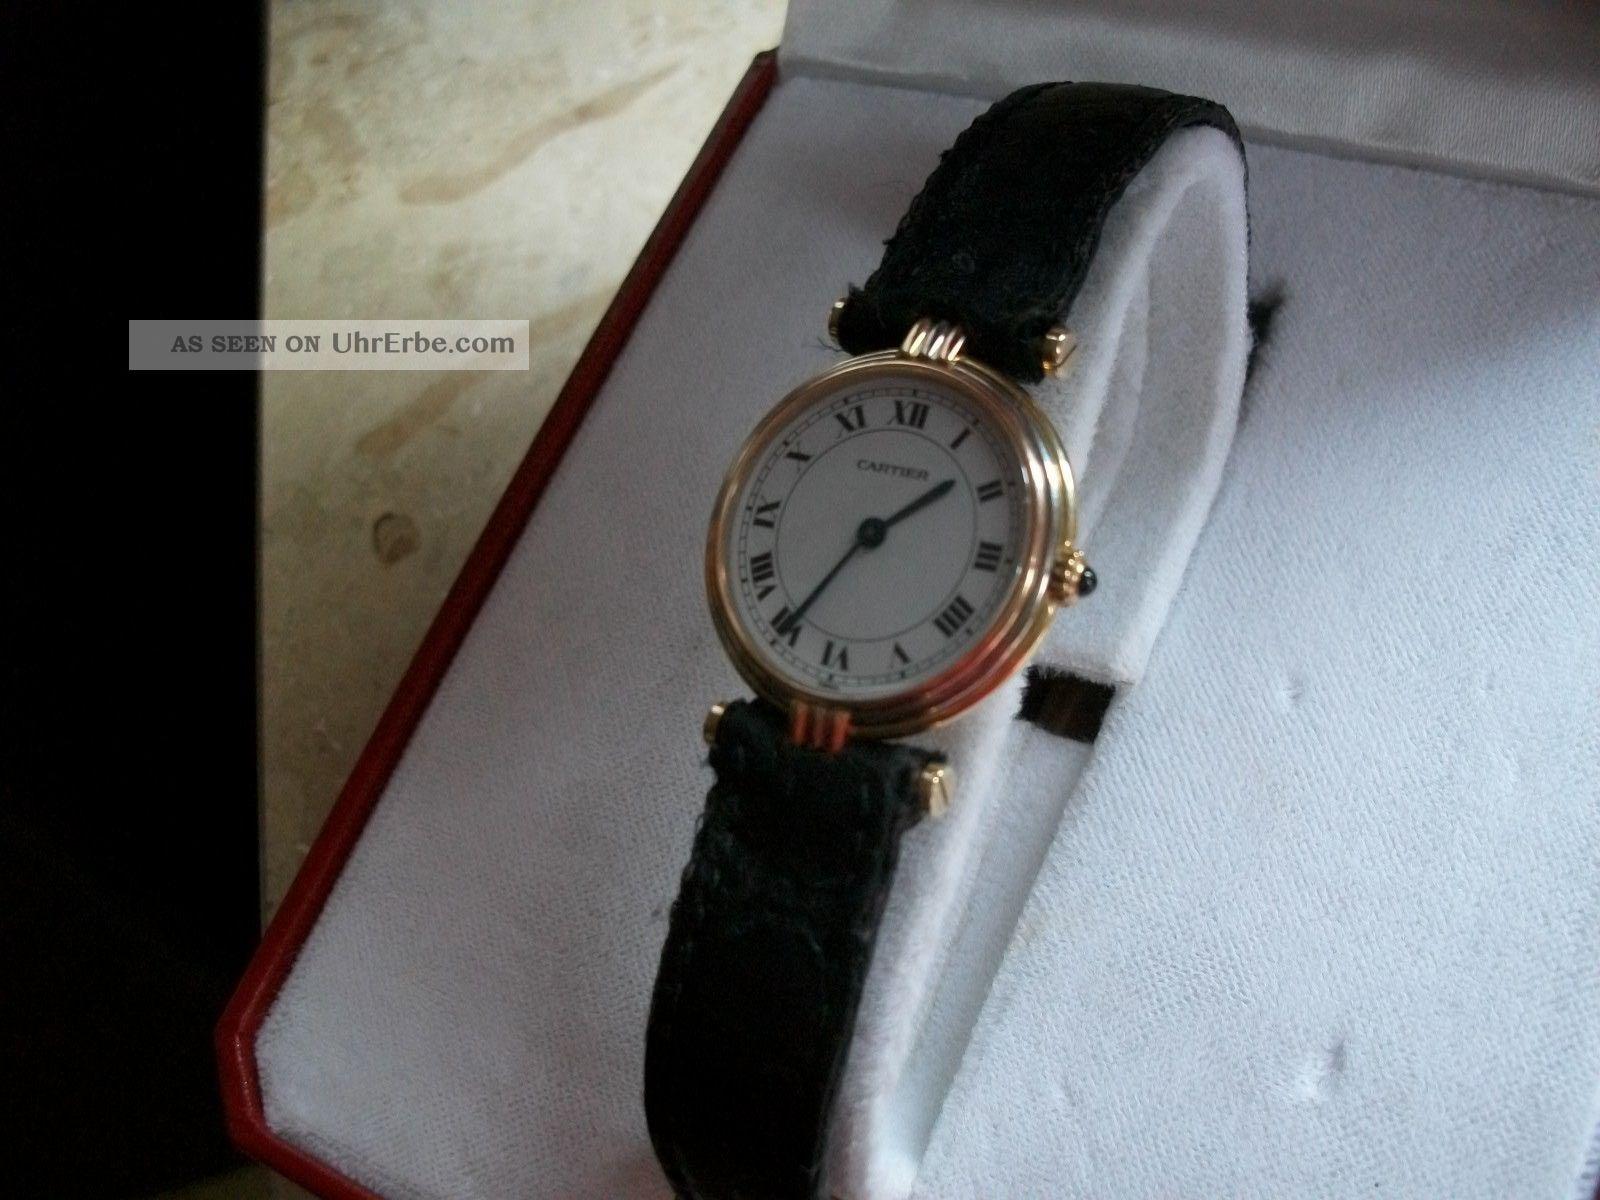 Cartier Vendome Damenuhr Gold 18k Tricolor Mit Faltschließe In Gold 18k Mit Box Armbanduhren Bild